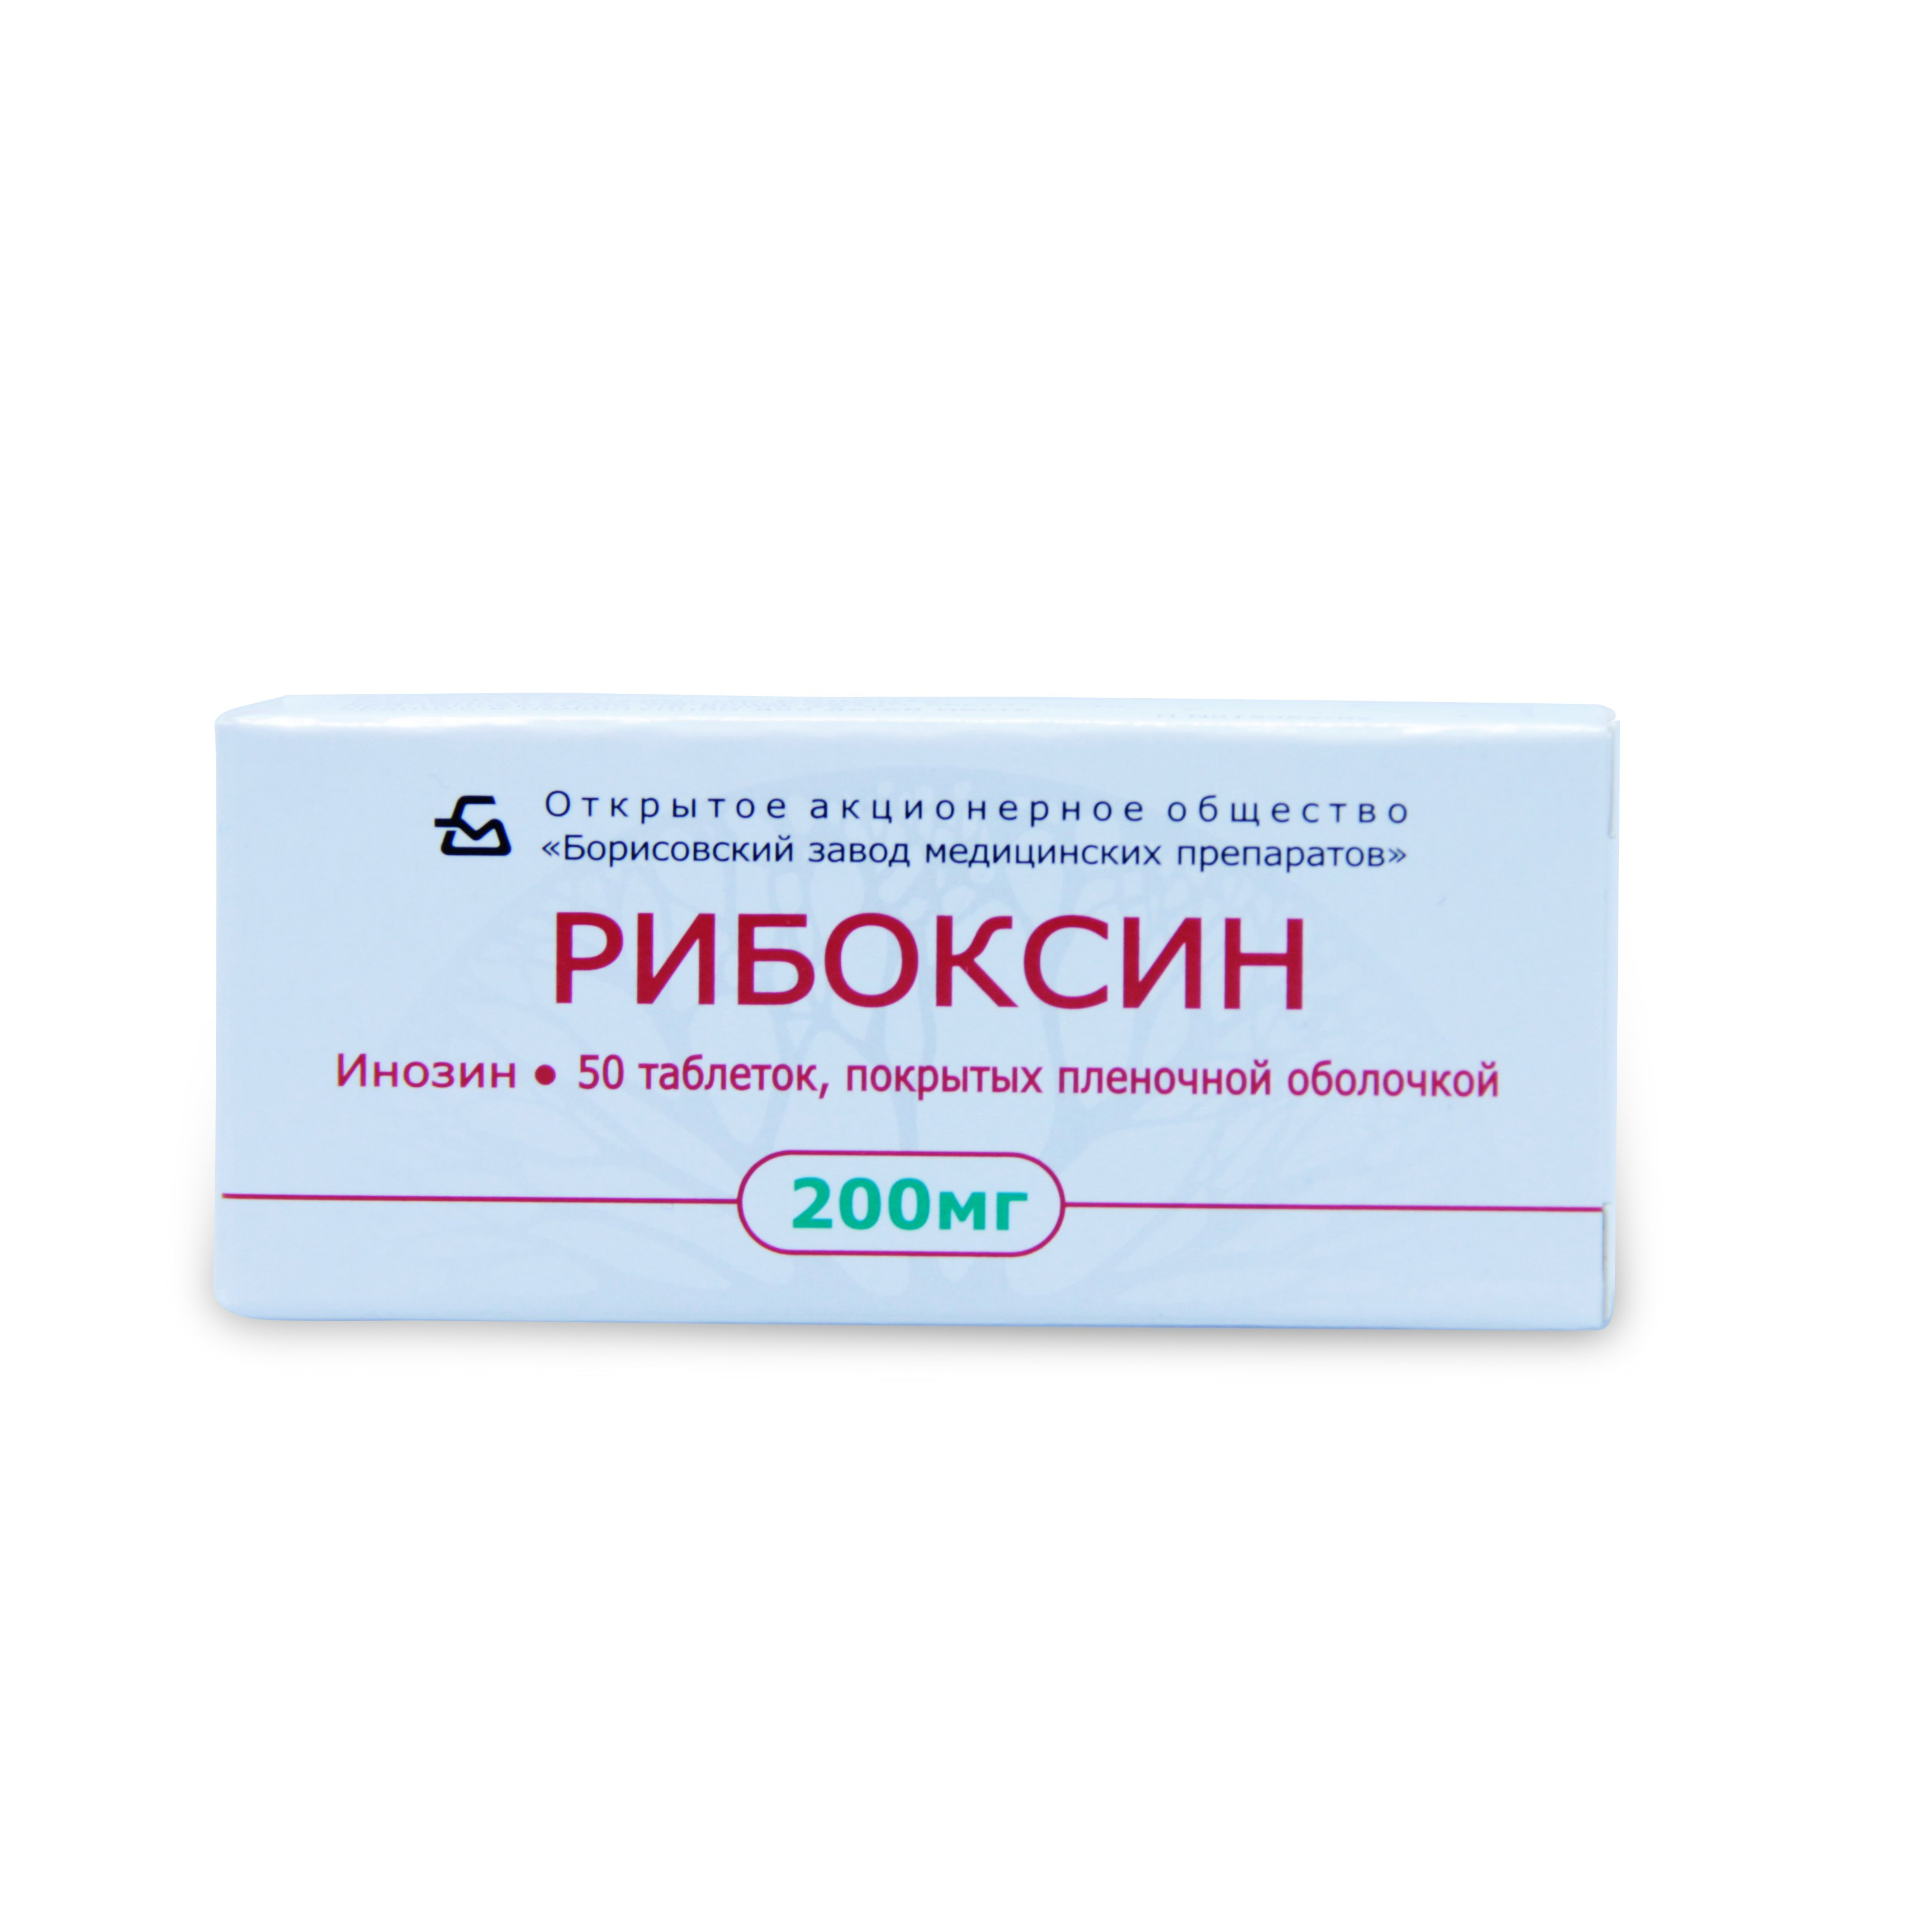 Рибоксин  таблетки 200мг  n50 (Борисовский завод медицинских препаратов)